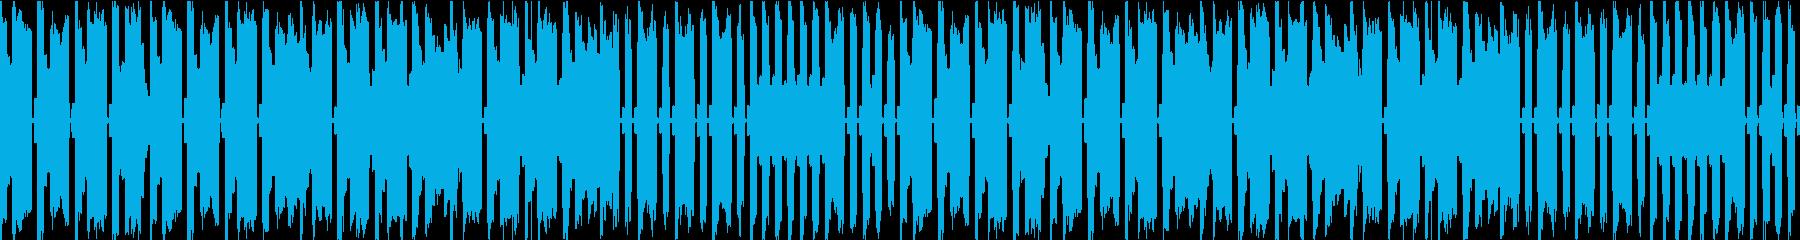 8bit風BGM さびれた場所の再生済みの波形